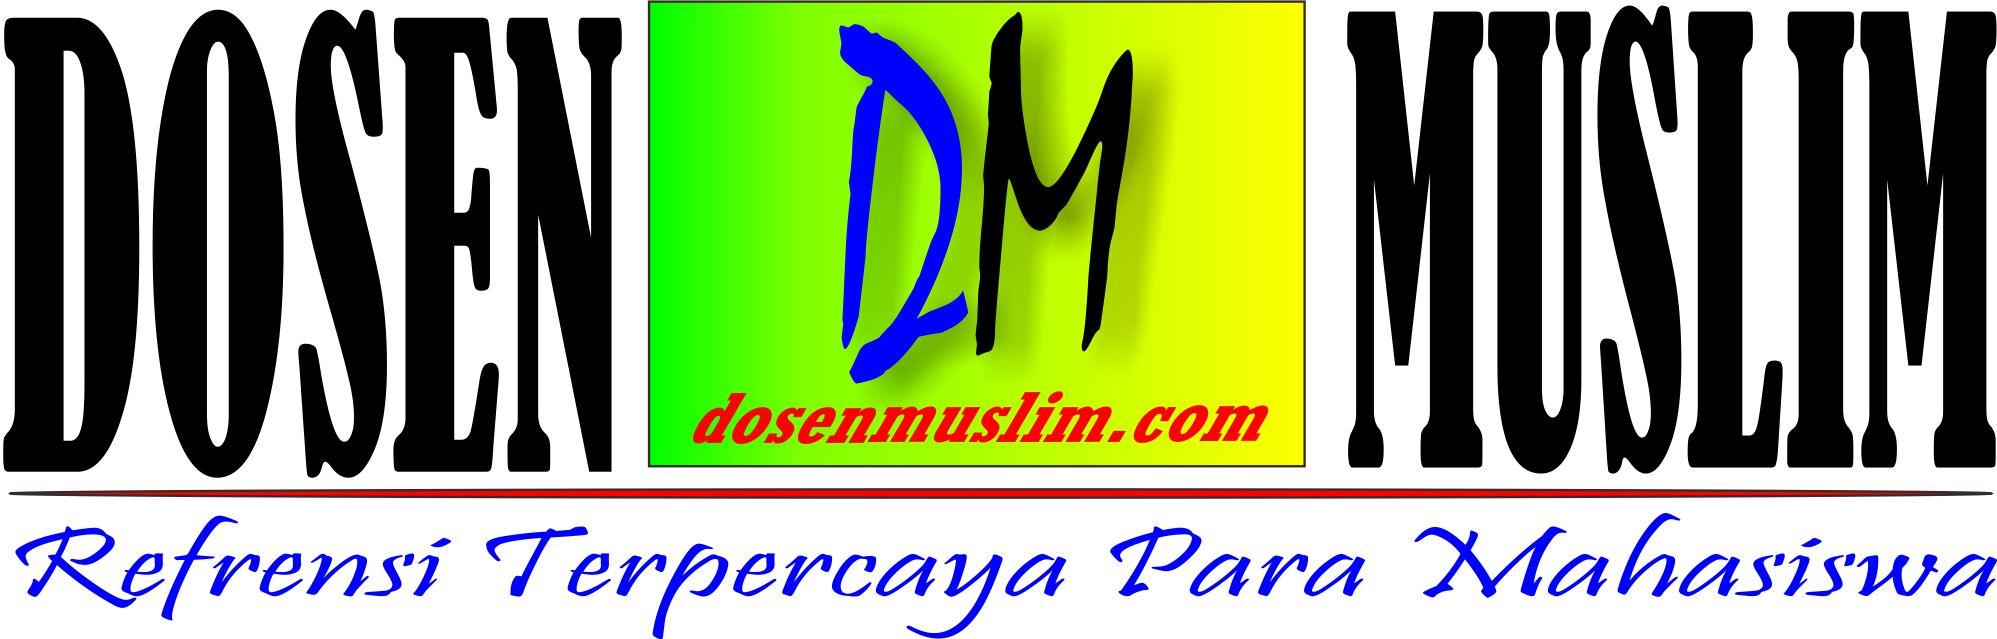 Background Dosen Muslim